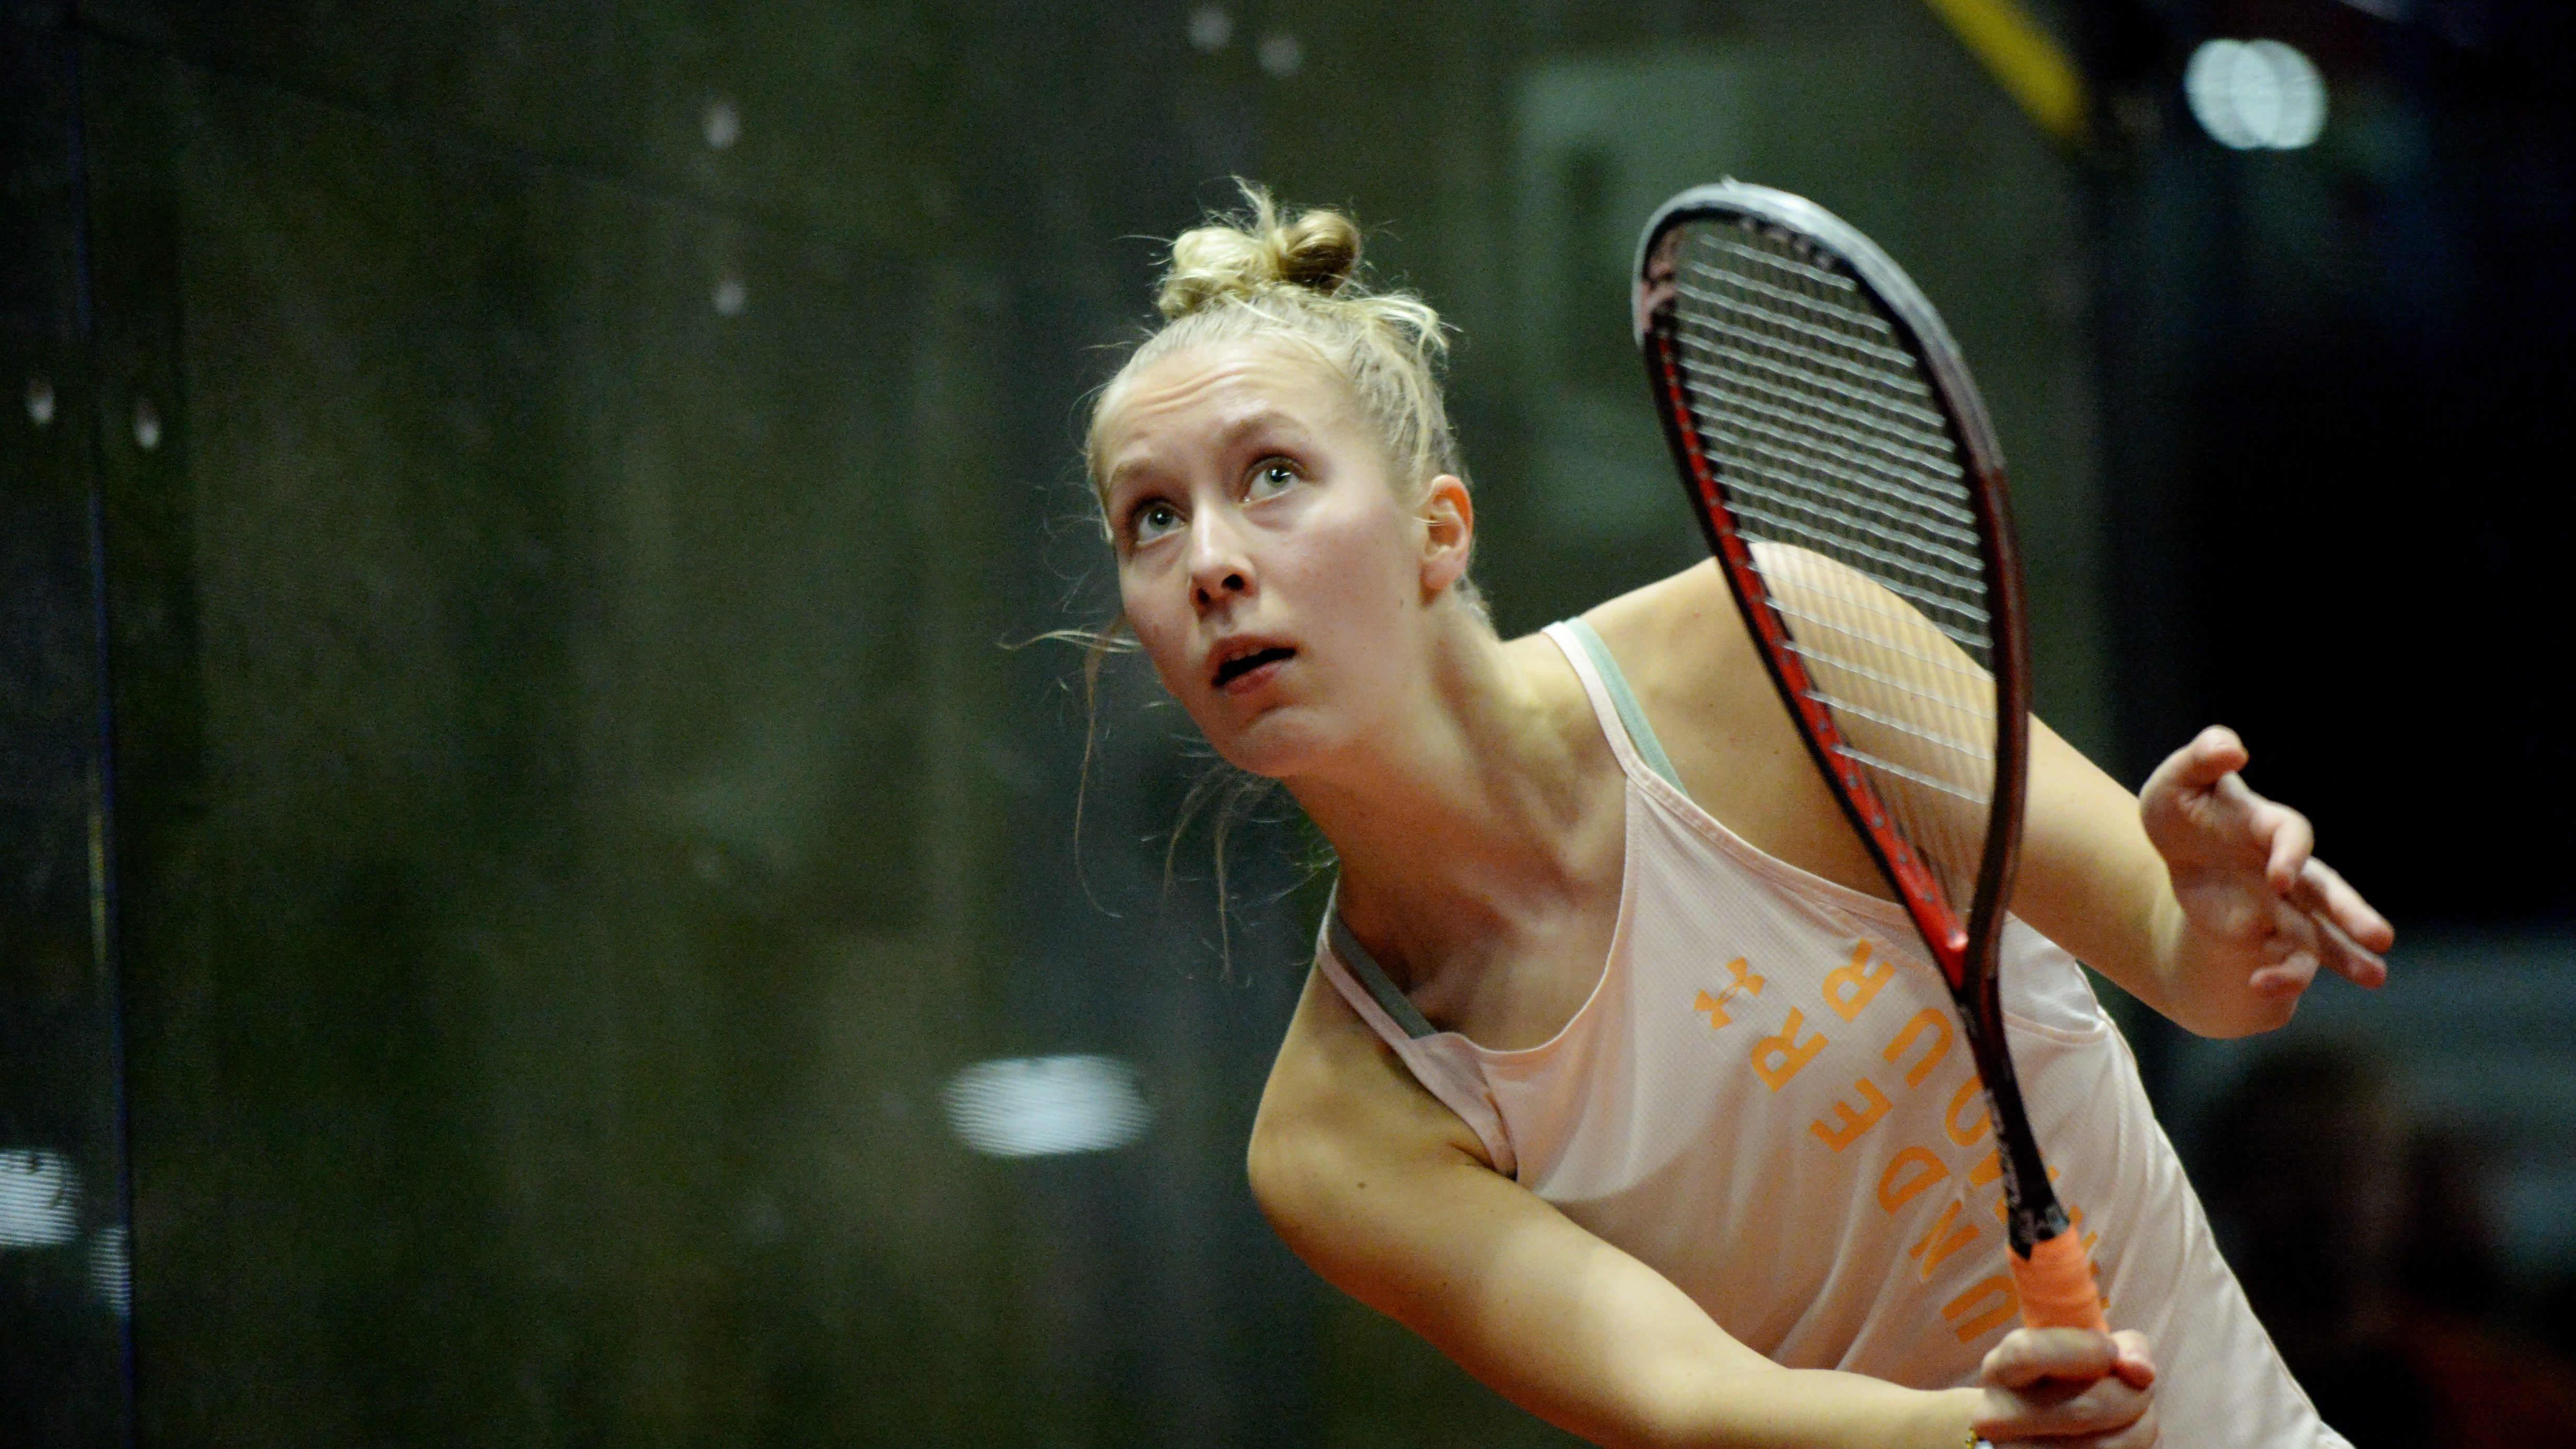 Emilia Soini pelaa squashia.